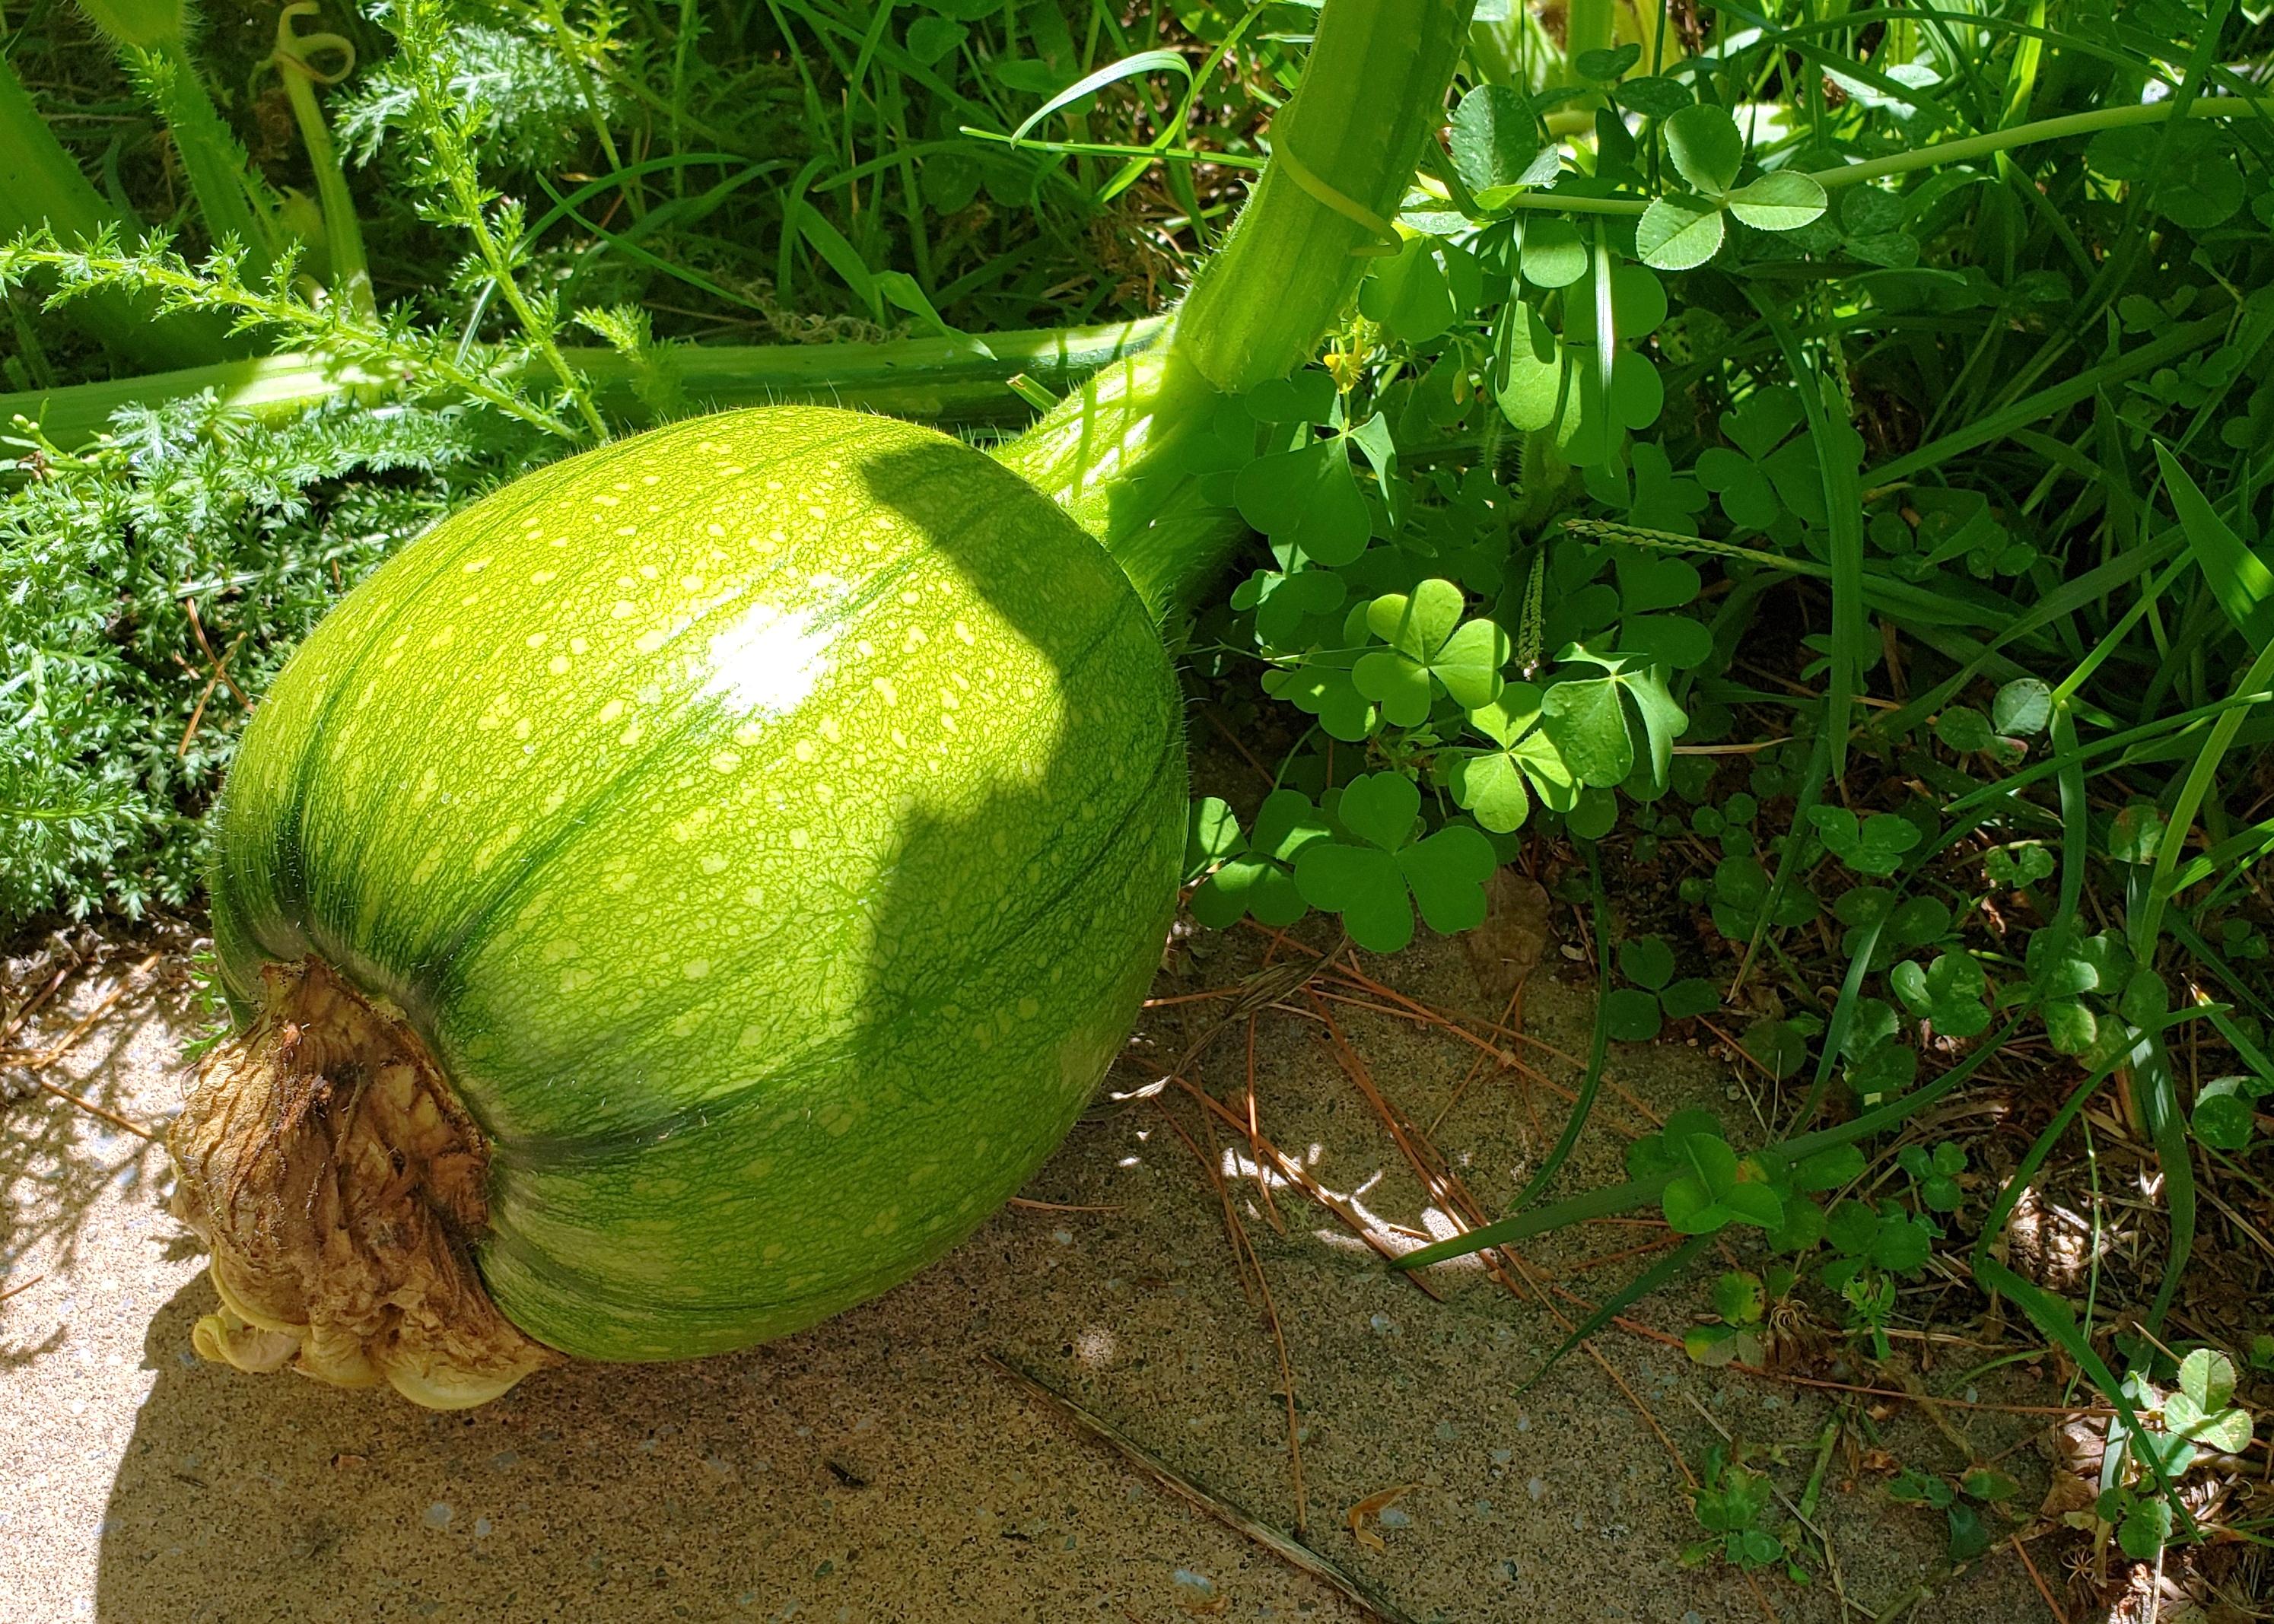 giantvolunteersquashfruit18Aug2020